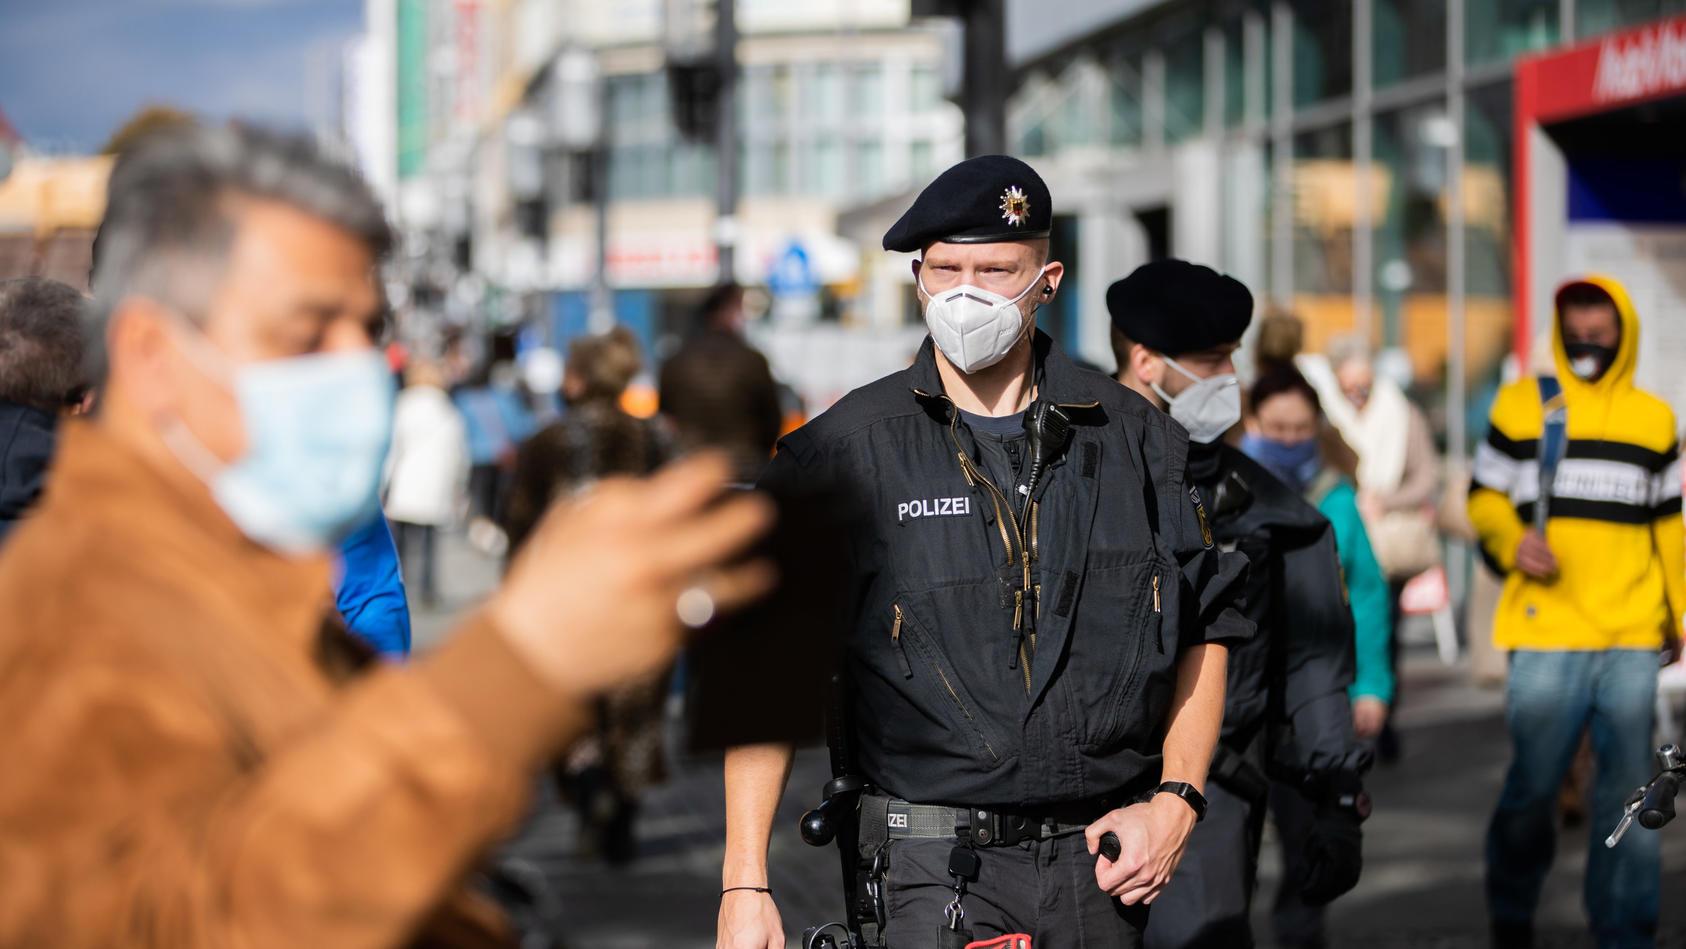 Mit stärkeren Kontrollen will dieBerlinerPolizeian diesem Wochenende darauf drängen, dass sich Menschen an die Corona-Regeln halten.